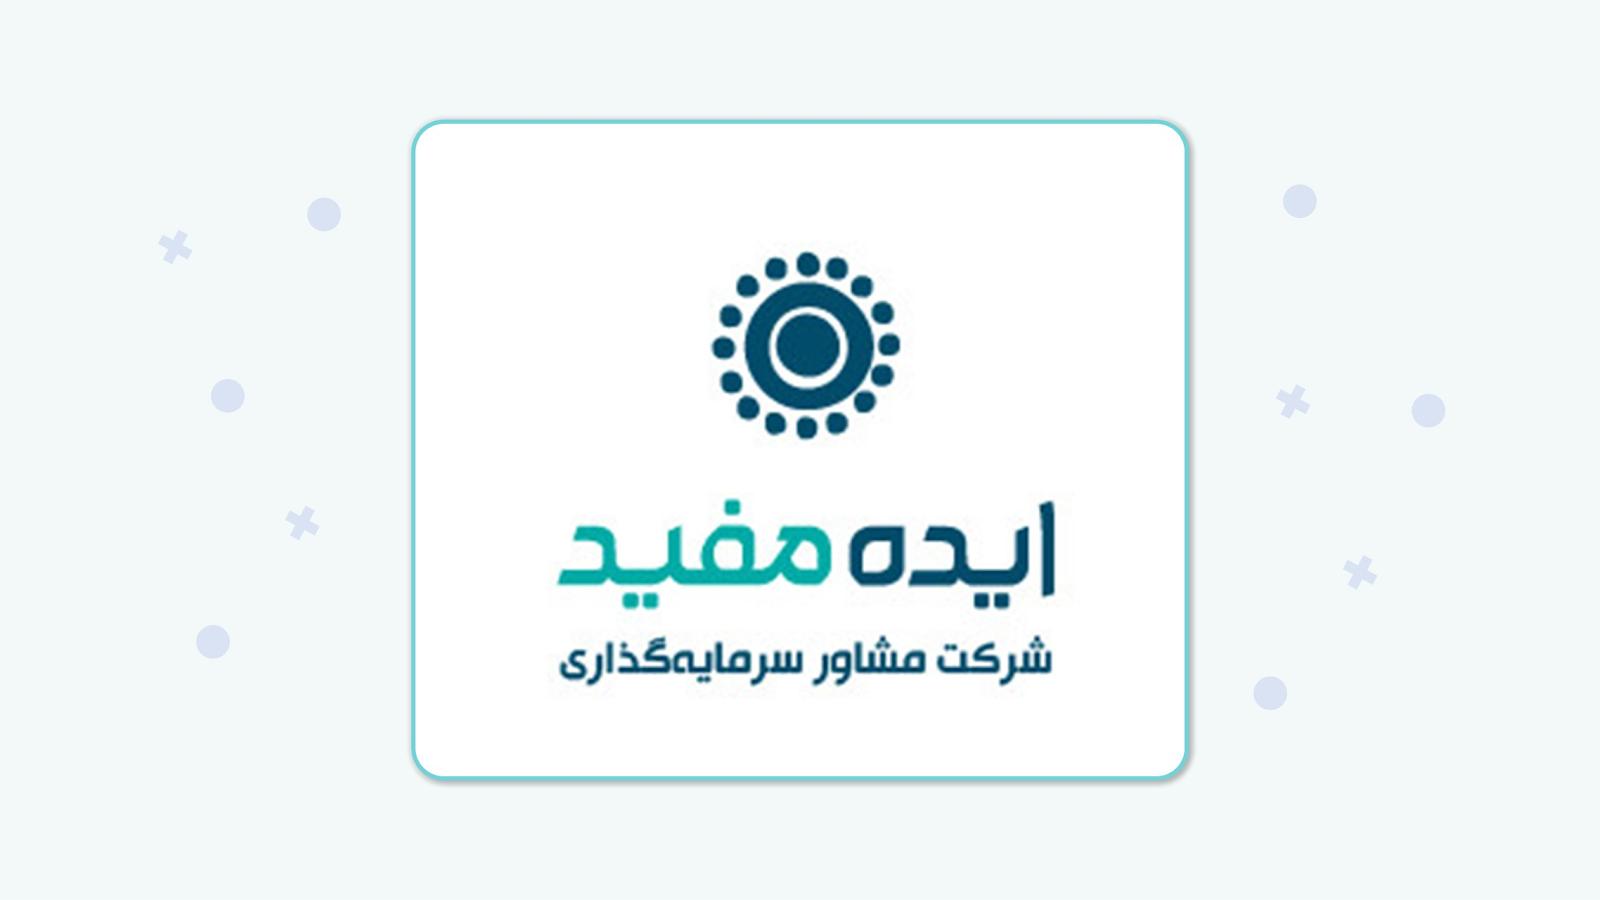 معرفی نهادهای مالی: شرکت مشاور سرمایه گذاری